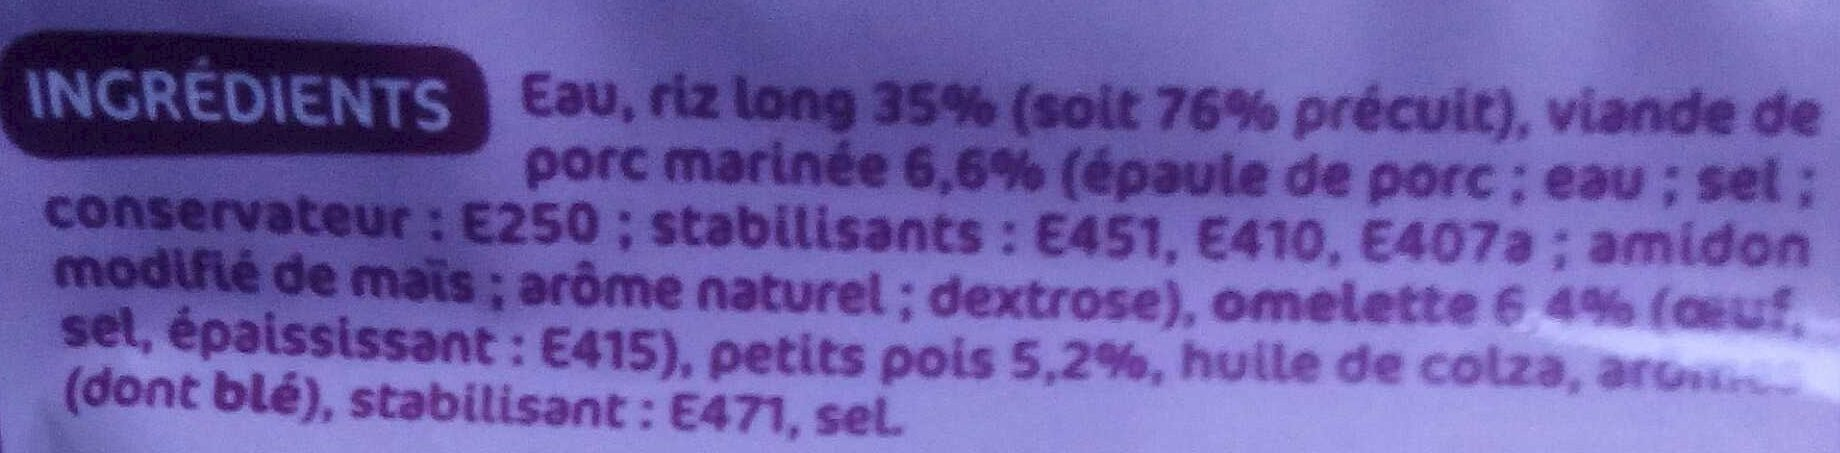 Riz cantonais doypack - Ingrédients - fr